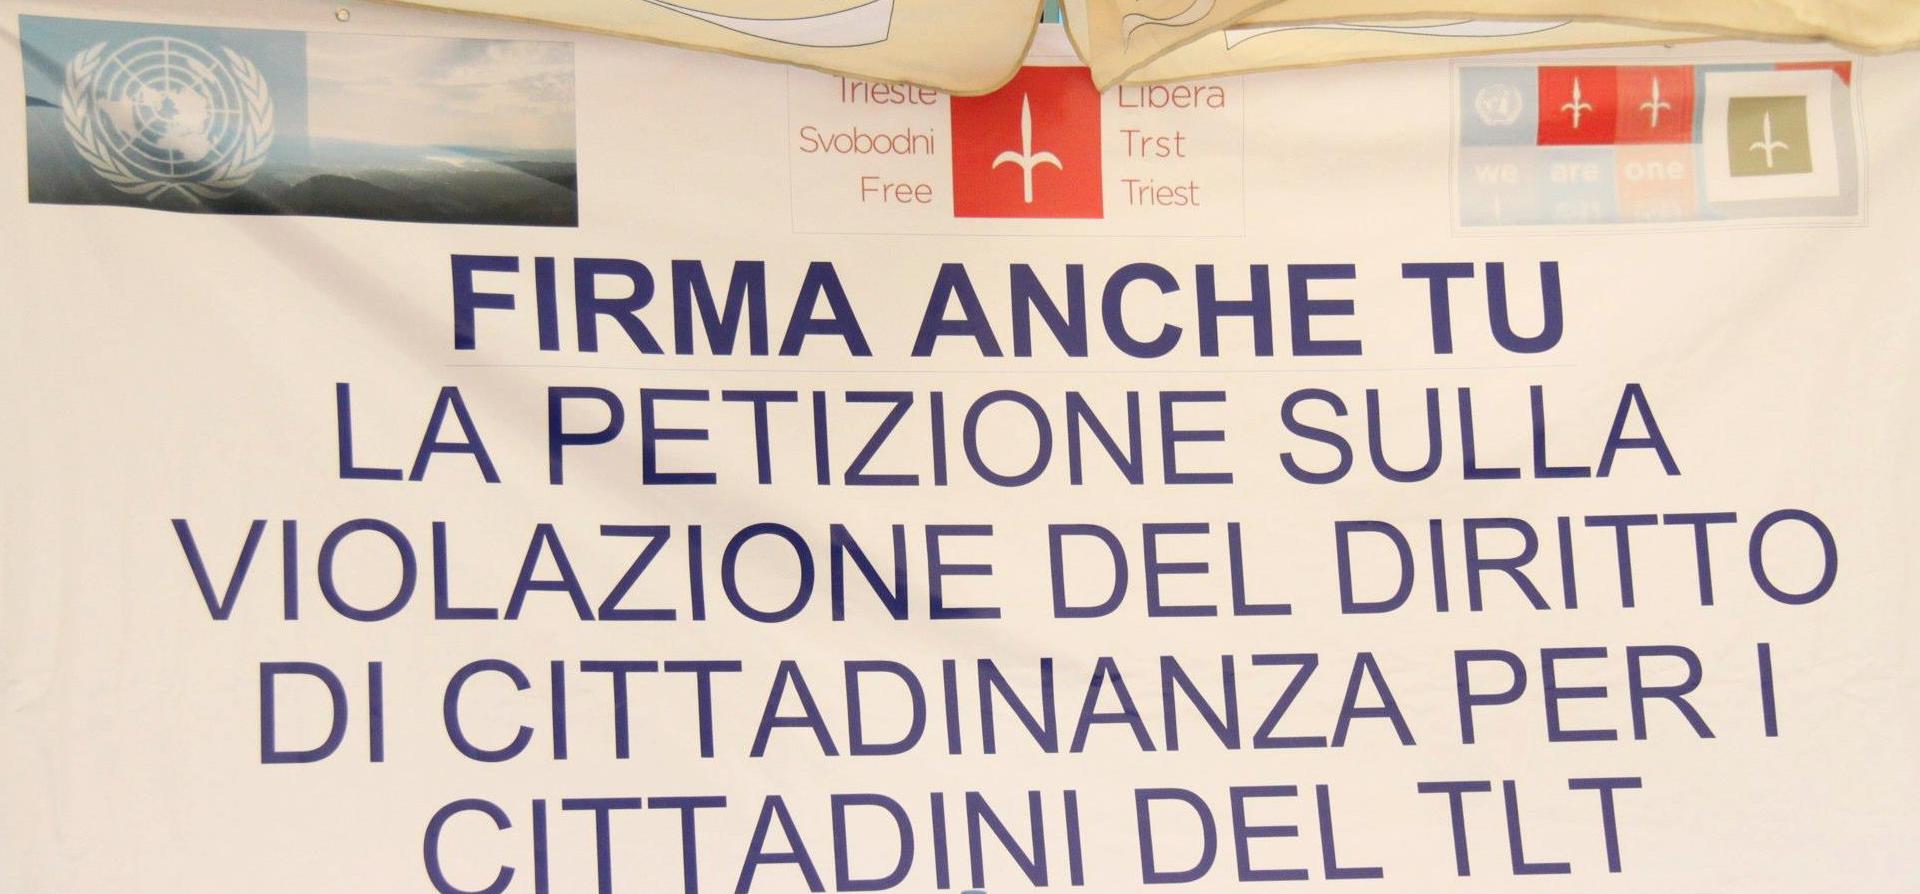 Gazebo Petizione Cittadinanza TLT — Raccolta Firme giugno 2012